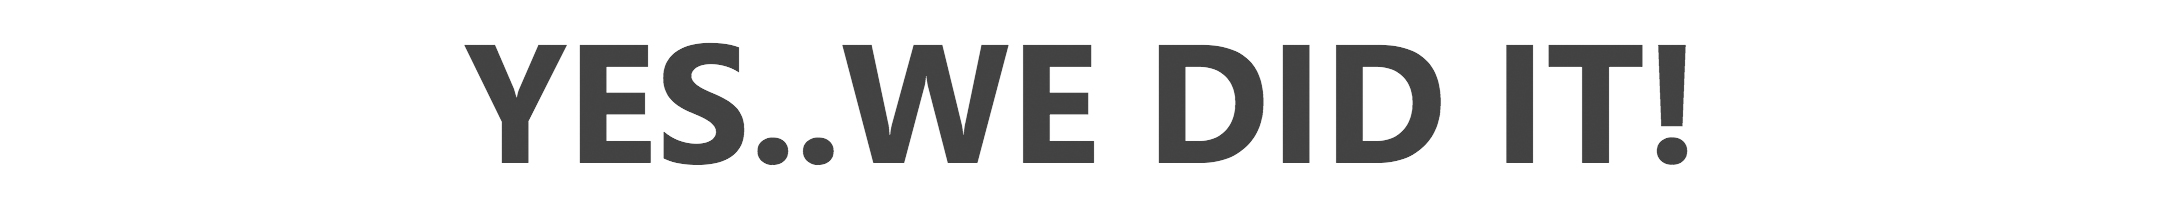 Branding Division - Gallerie / KFZ-Folierung